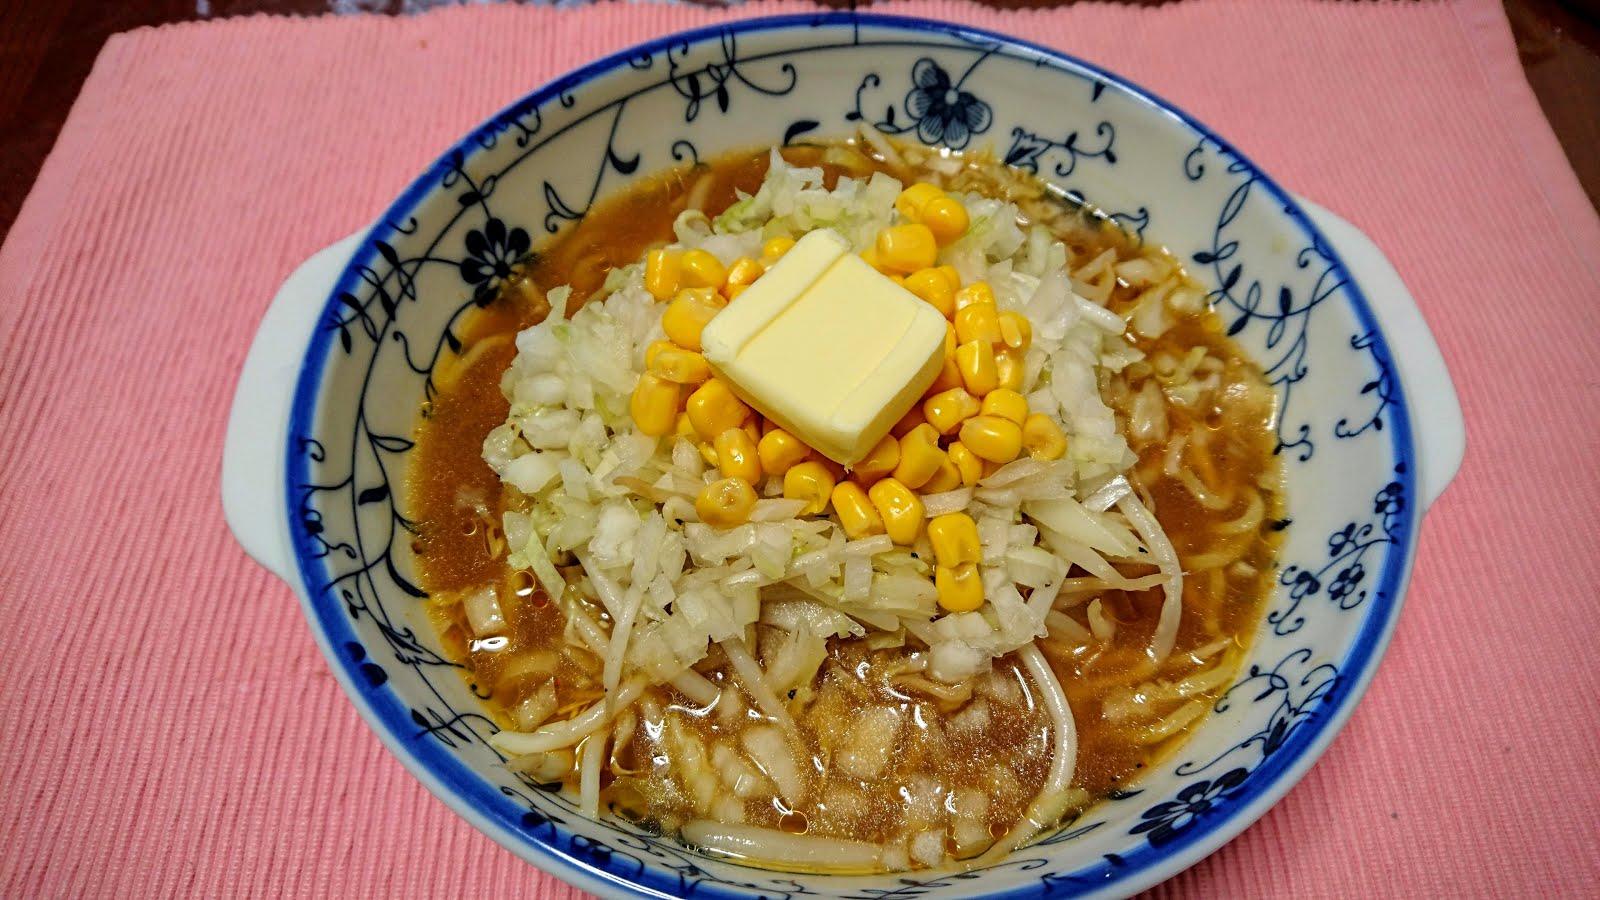 味噌バターコーンラーメン 麺食いゴルファー